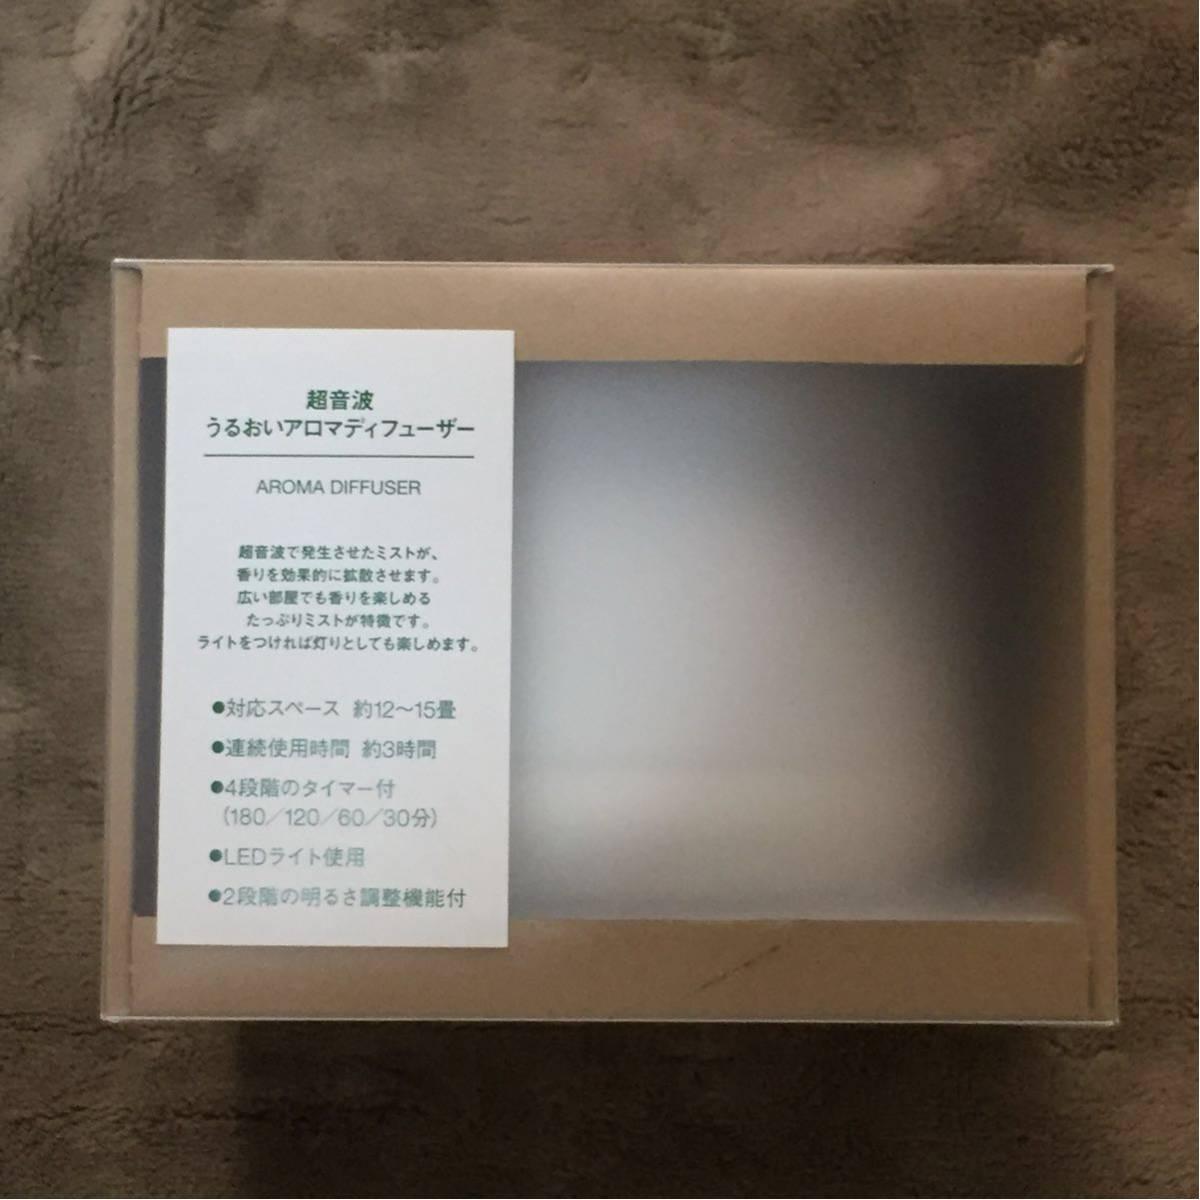 ◆訳あり◆ *新品 未開封* 定価6,900円 無印良品 超音波うるおいアロマディフューザー